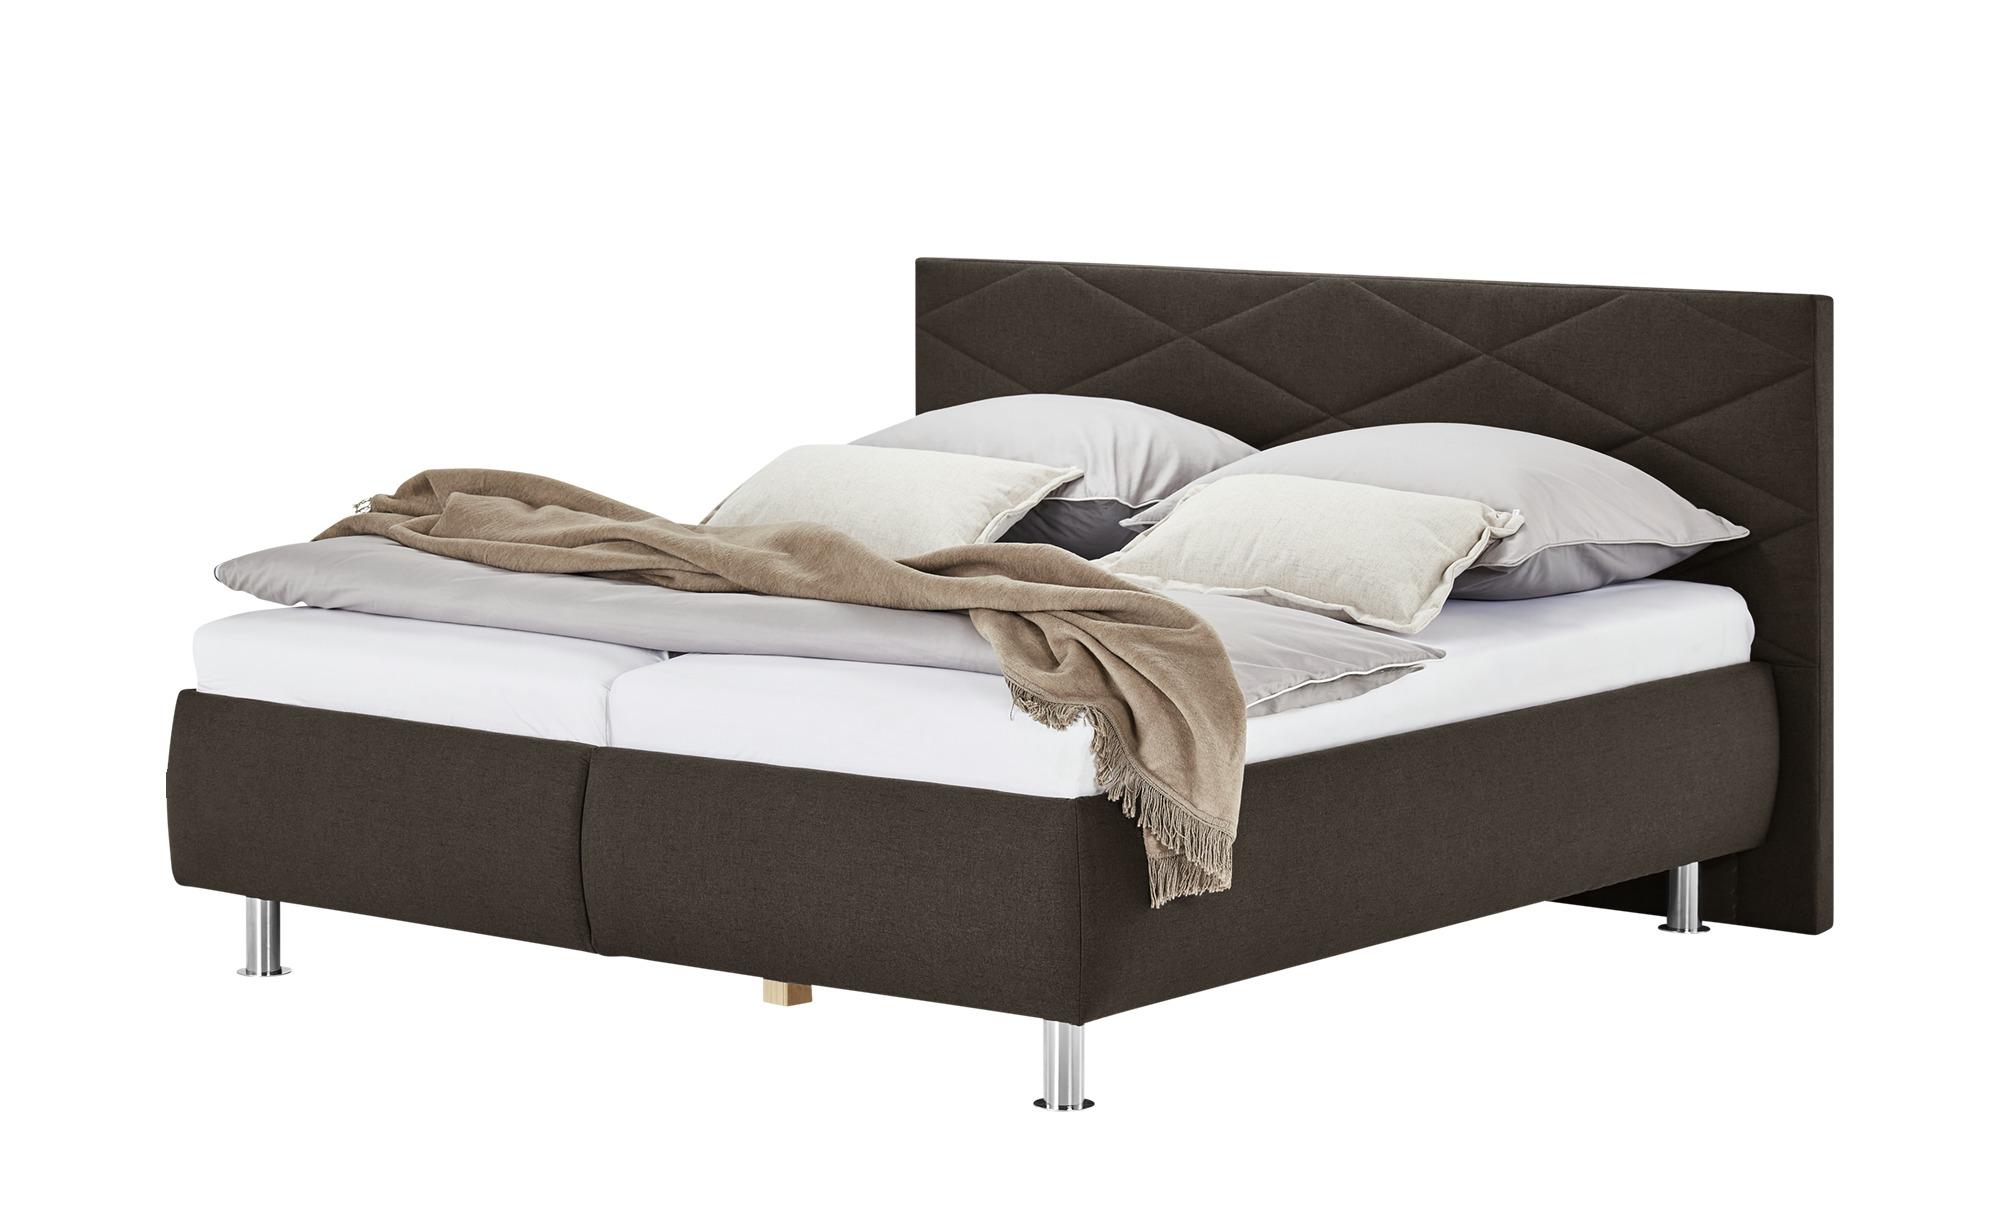 Full Size of Polsterbett 200x220 Braun Polsterbetten Online Kaufen Mbel Suchmaschine Bett Betten Wohnzimmer Polsterbett 200x220